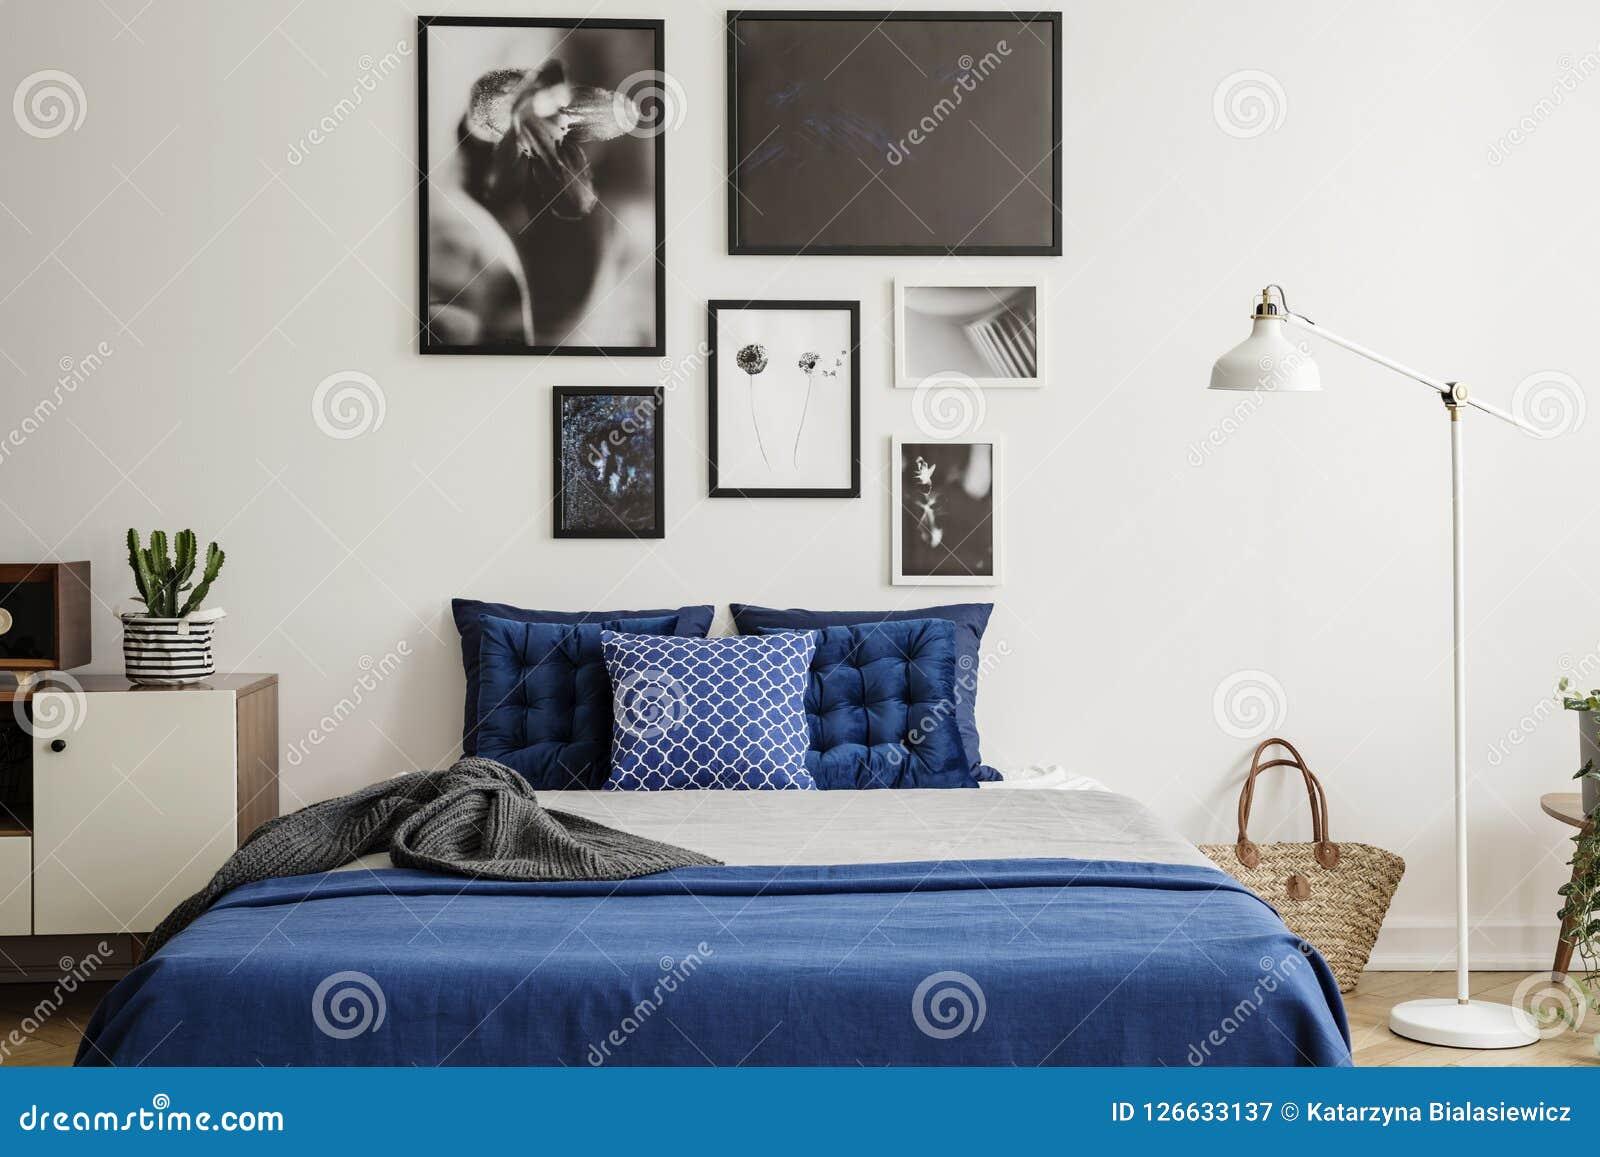 Usine Sur Le Coffret à Côté Du Lit De Bleu Marine Dans Lu0027intérieur De  Chambre à Coucher Avec La Lampe Blanche Et La Galerie Vrai Concept De Photo